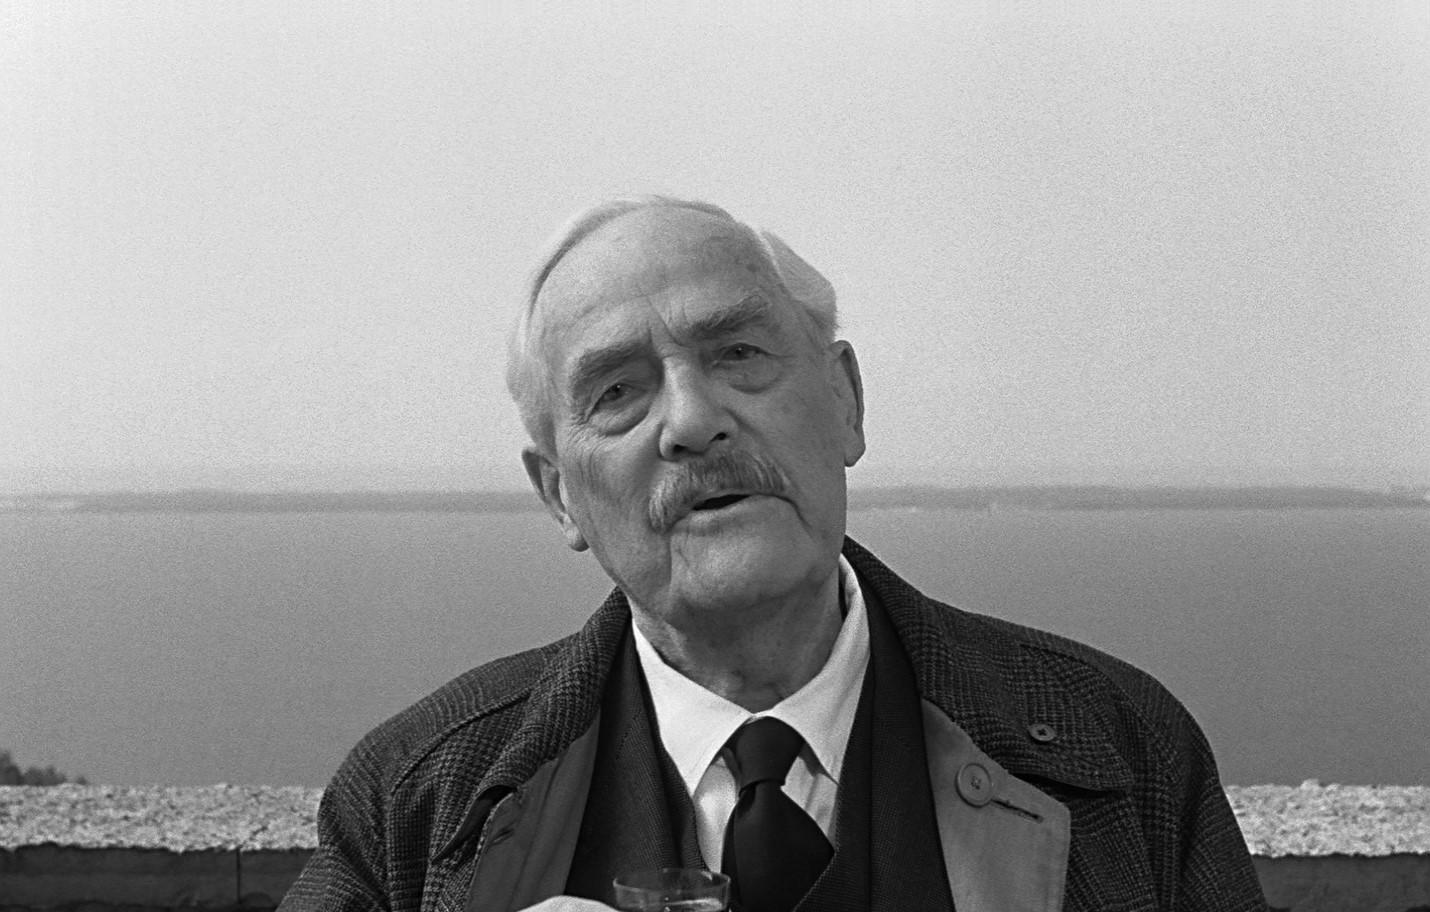 İsveçli yönetmen Victor Sjöström kimdir? Victor Sjöström biyografi